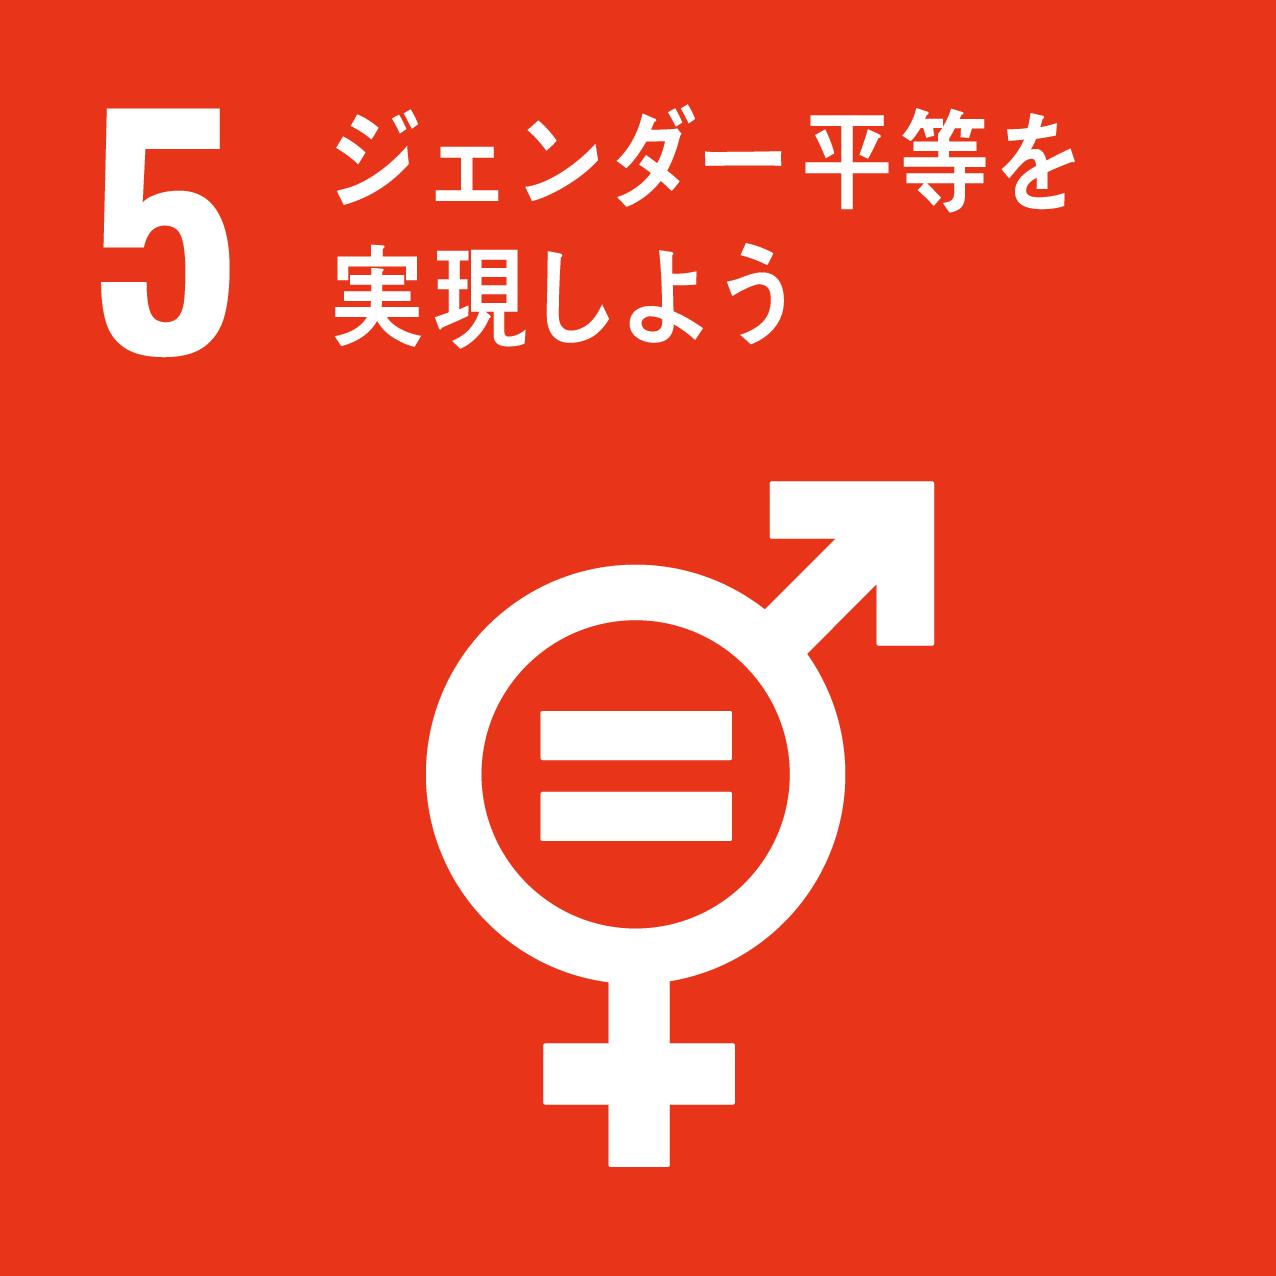 5.ジェンダー平等